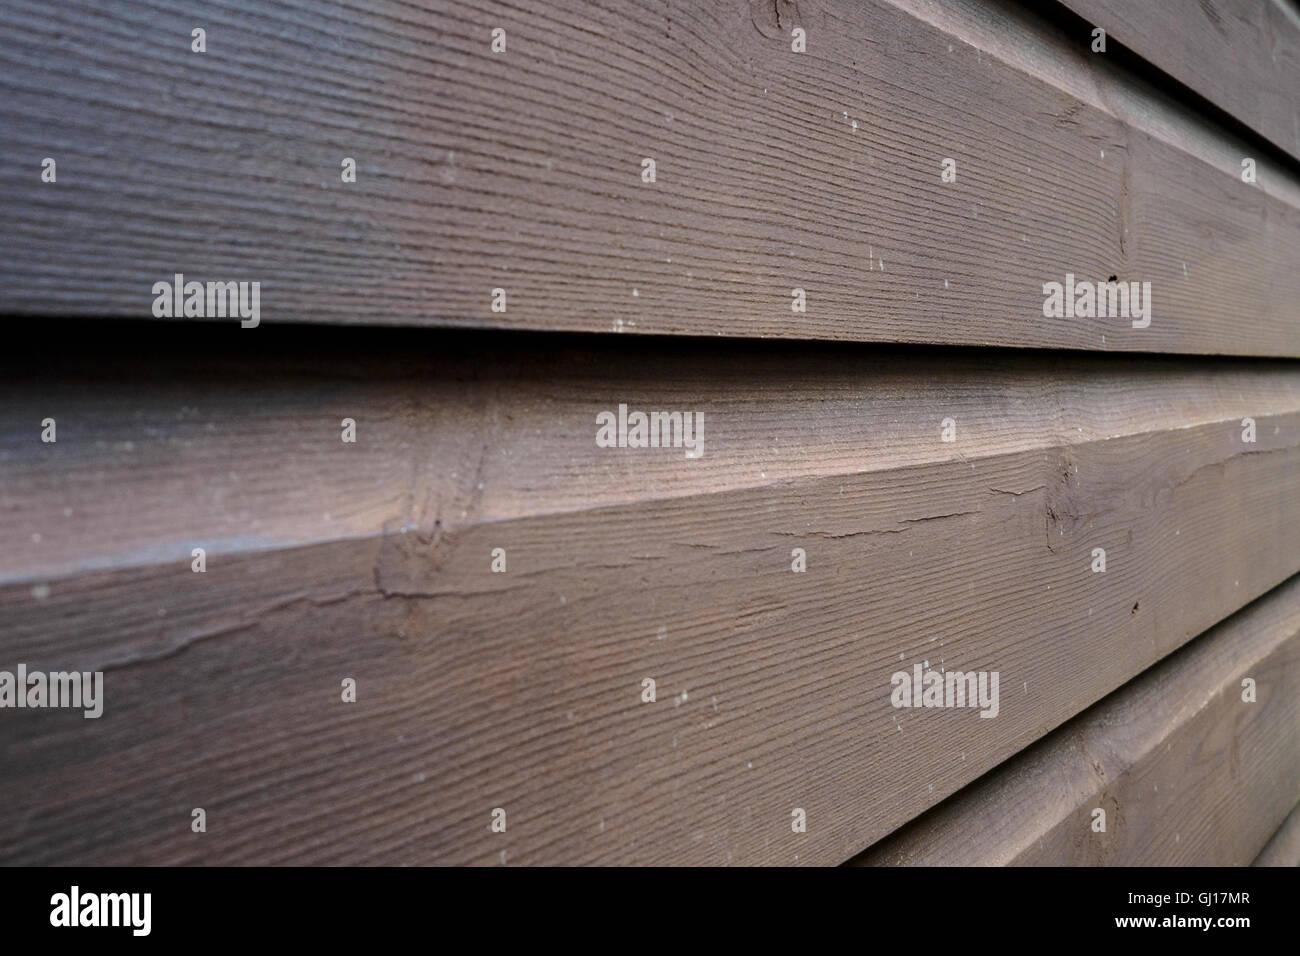 Seitlicher Blick auf Holz getäfelte Wand Stockbild